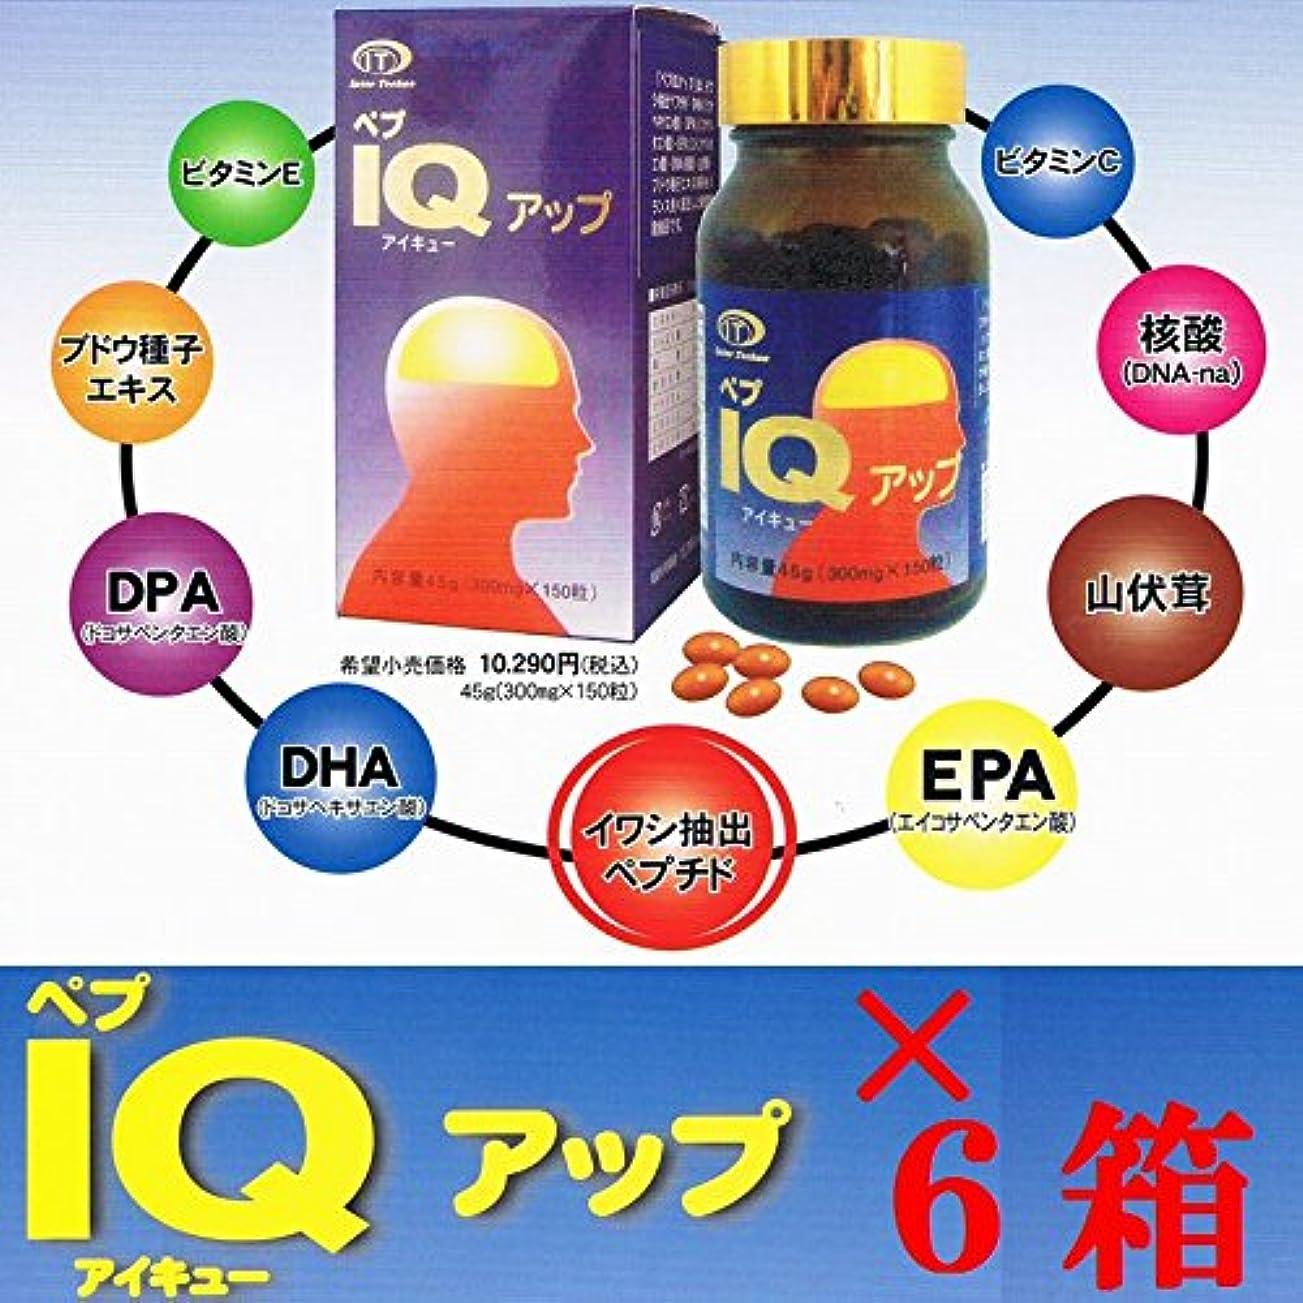 ペプIQアップ 150粒 ×超お得6箱セット 《記憶?思考、DHA、EPA》